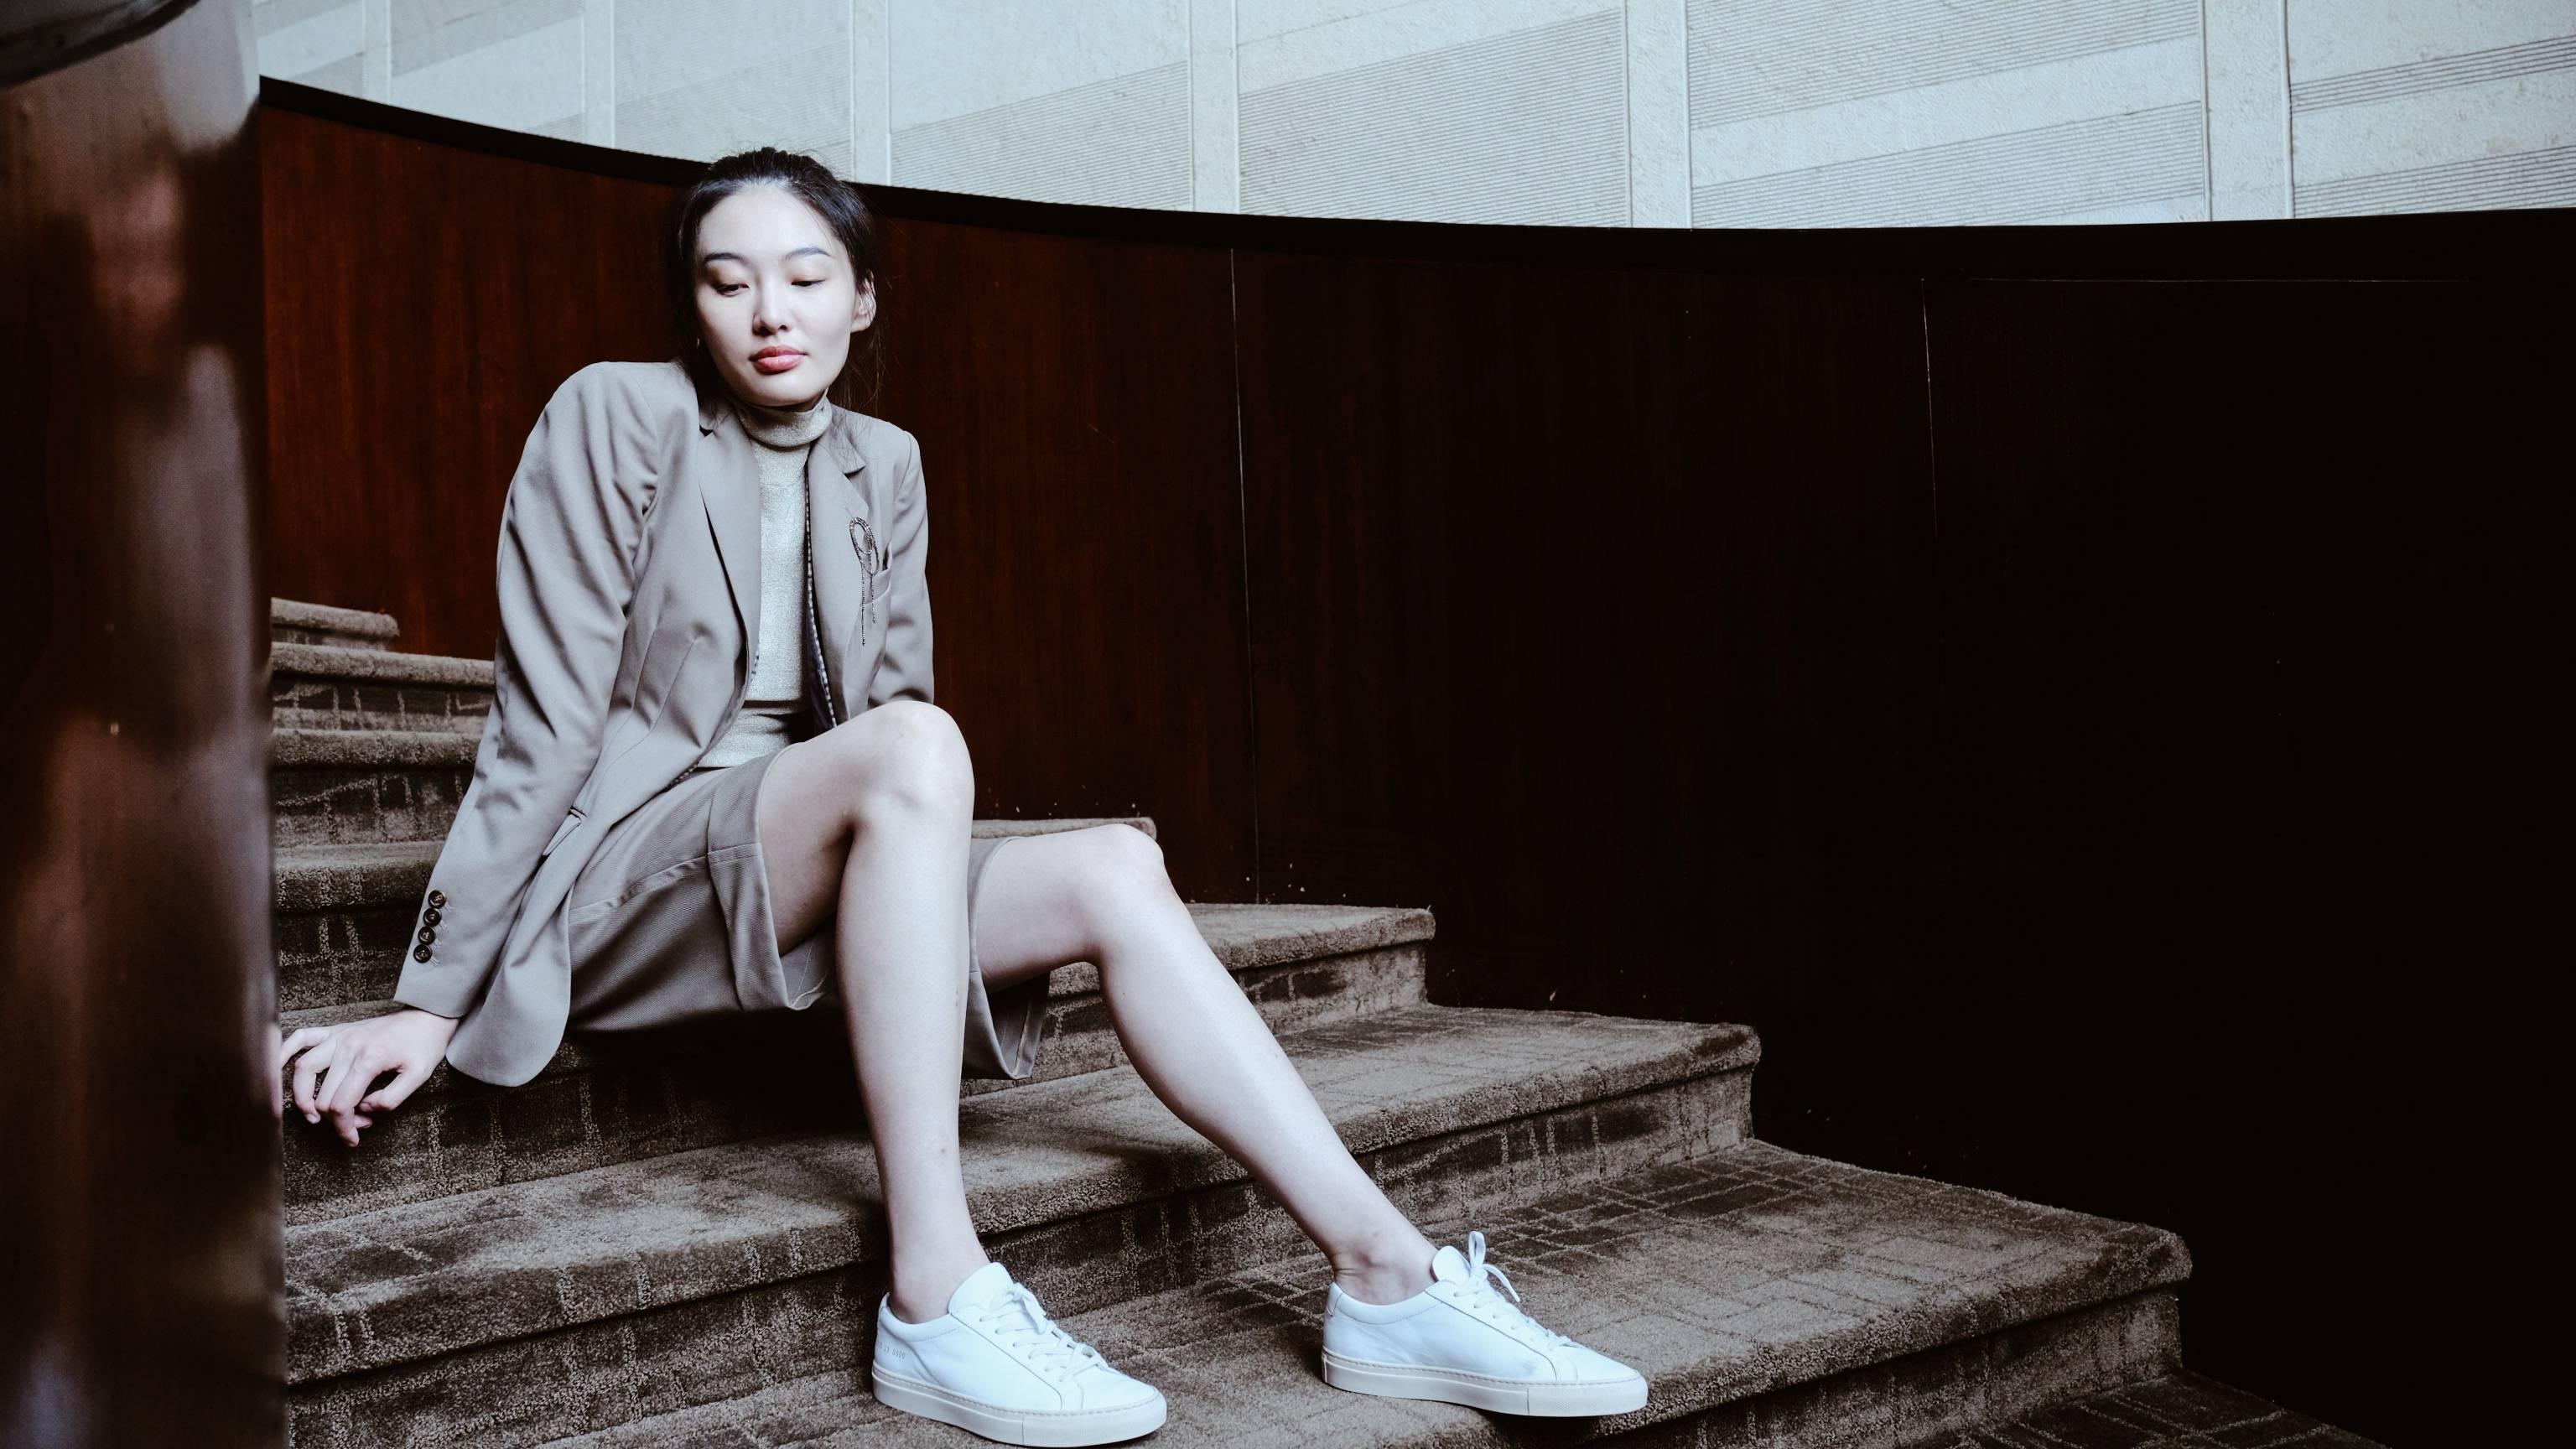 陈碧舸身着西服 完美诠释知性与干练